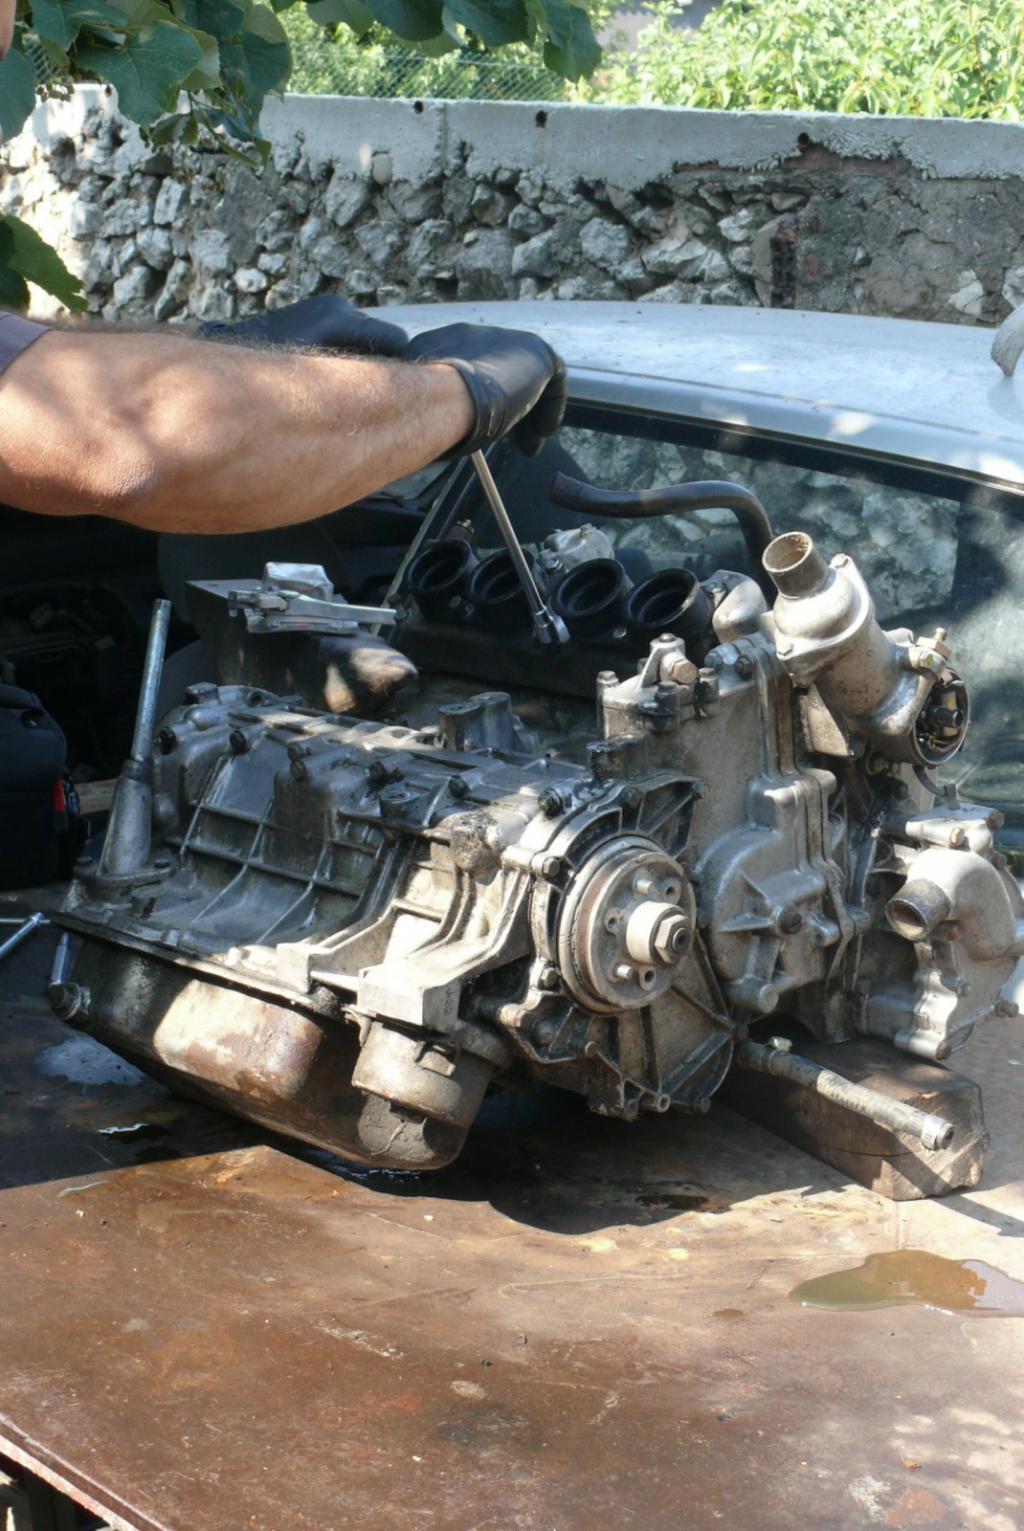 Mon nouveau projet Hondiste : S800 coupé 1967 - Page 4 L1030722-1600x1200--4139033